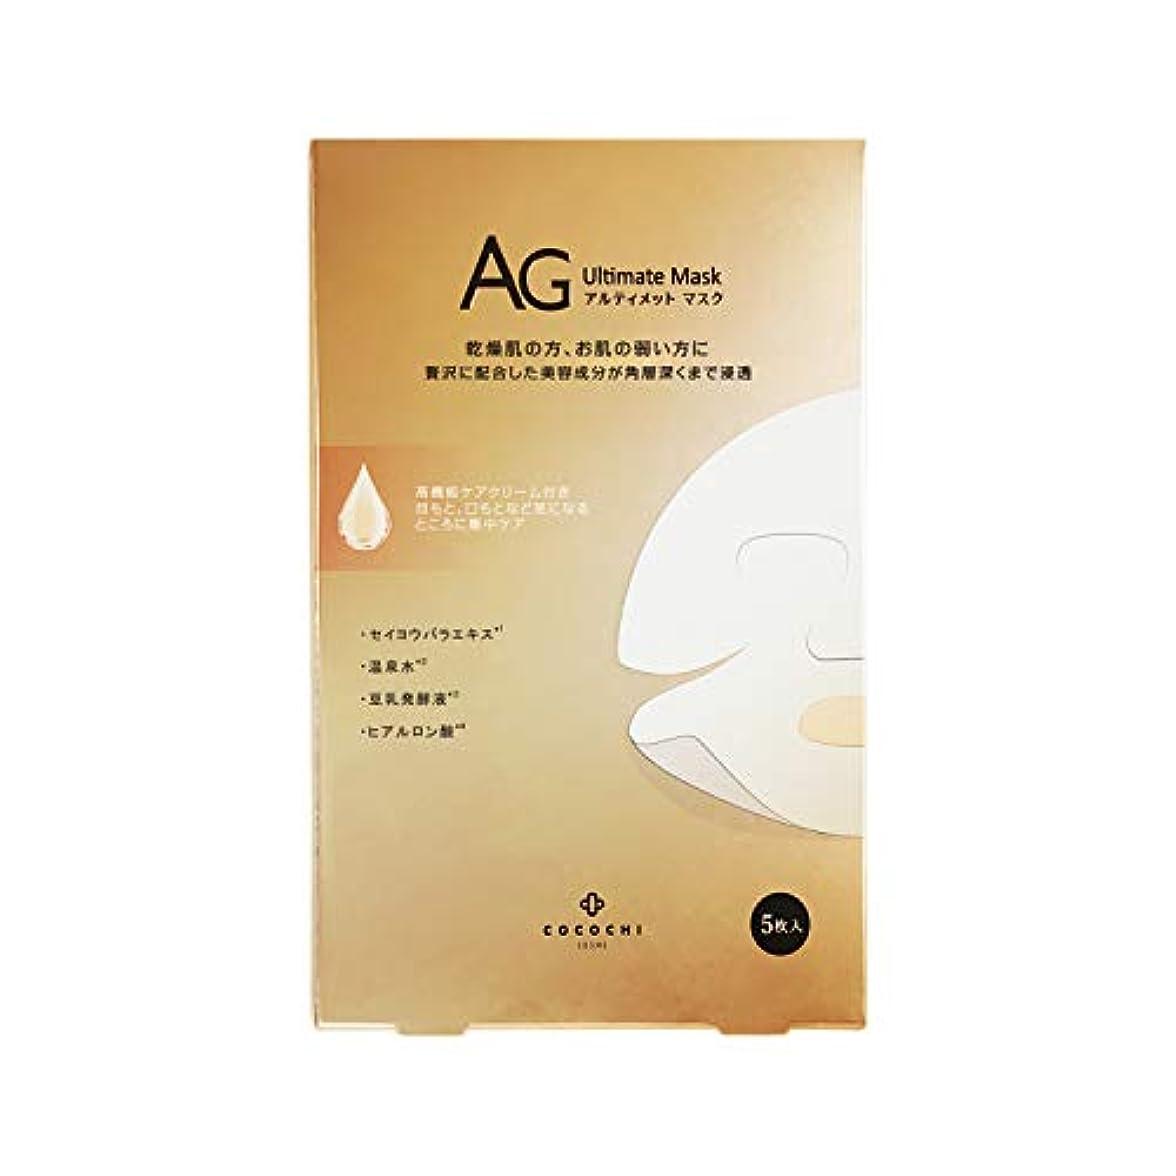 基礎バレル誇張するエージーアルティメット(AGアルティメット) エージーアルティメットマスク フェイスマスク 5